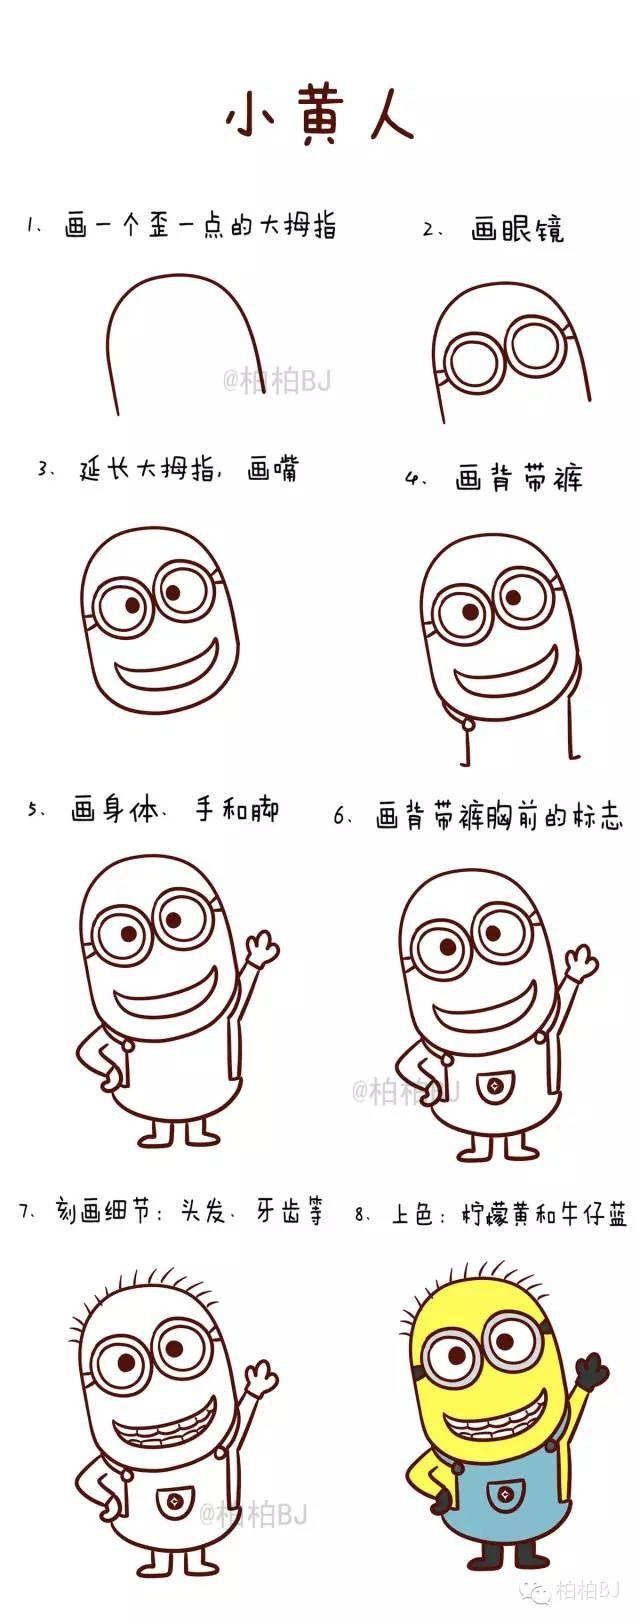 巧虎,小黄人,海豚简笔画……太简单太可爱了!推荐收藏